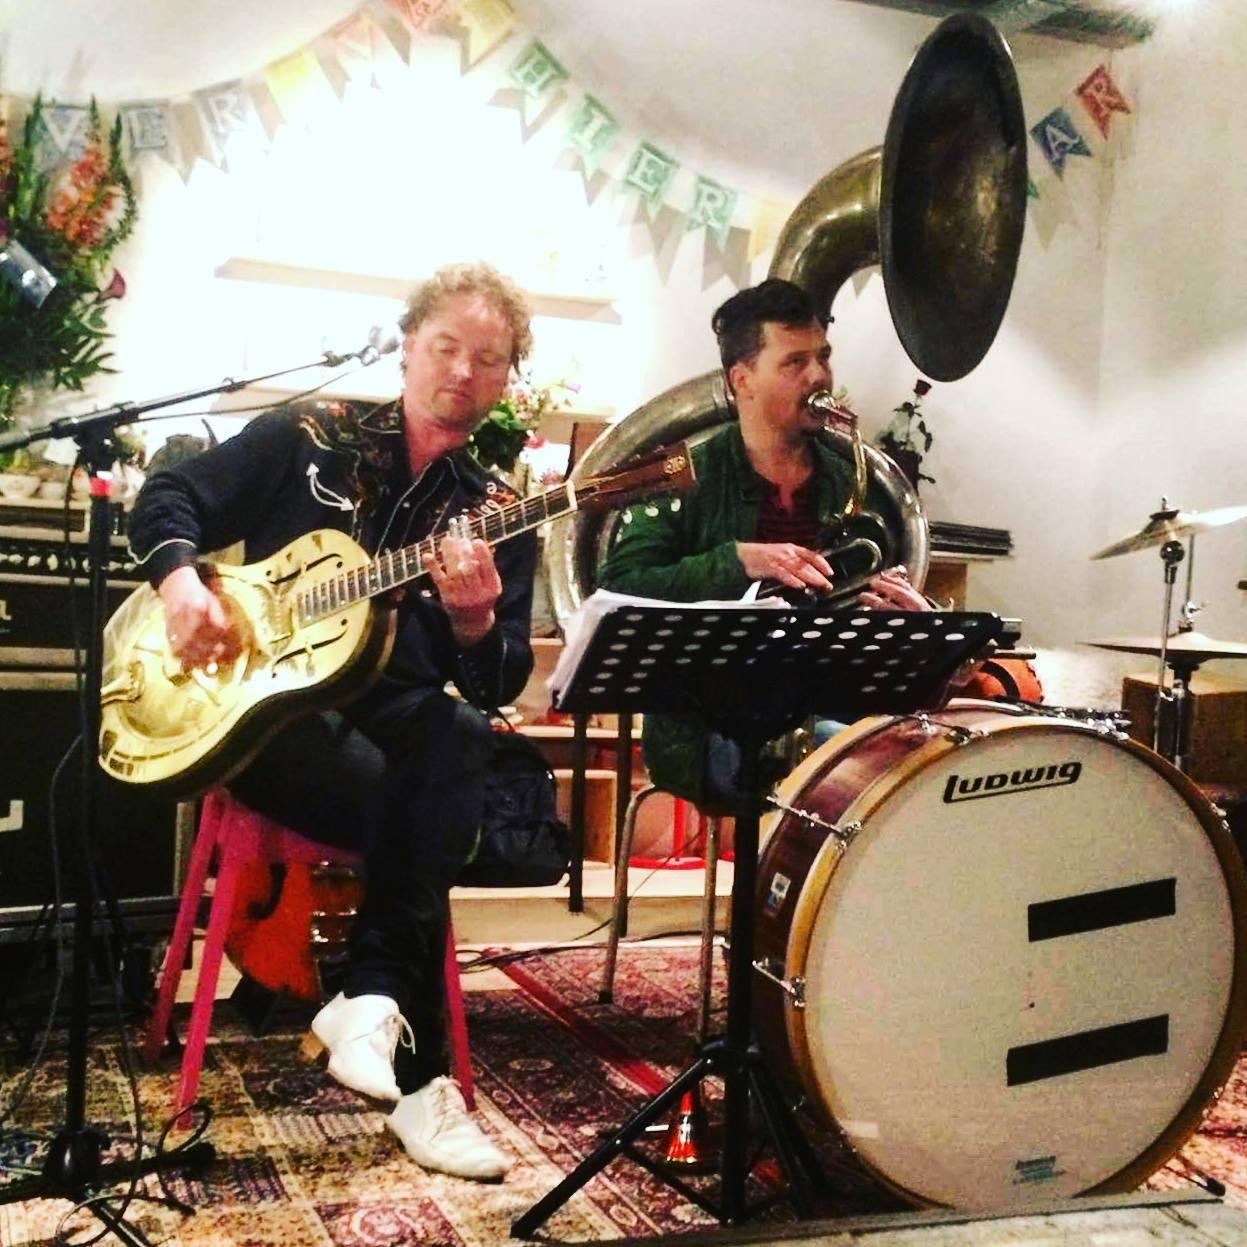 Verbraak | van Bijnen komt in september 2016 met album!